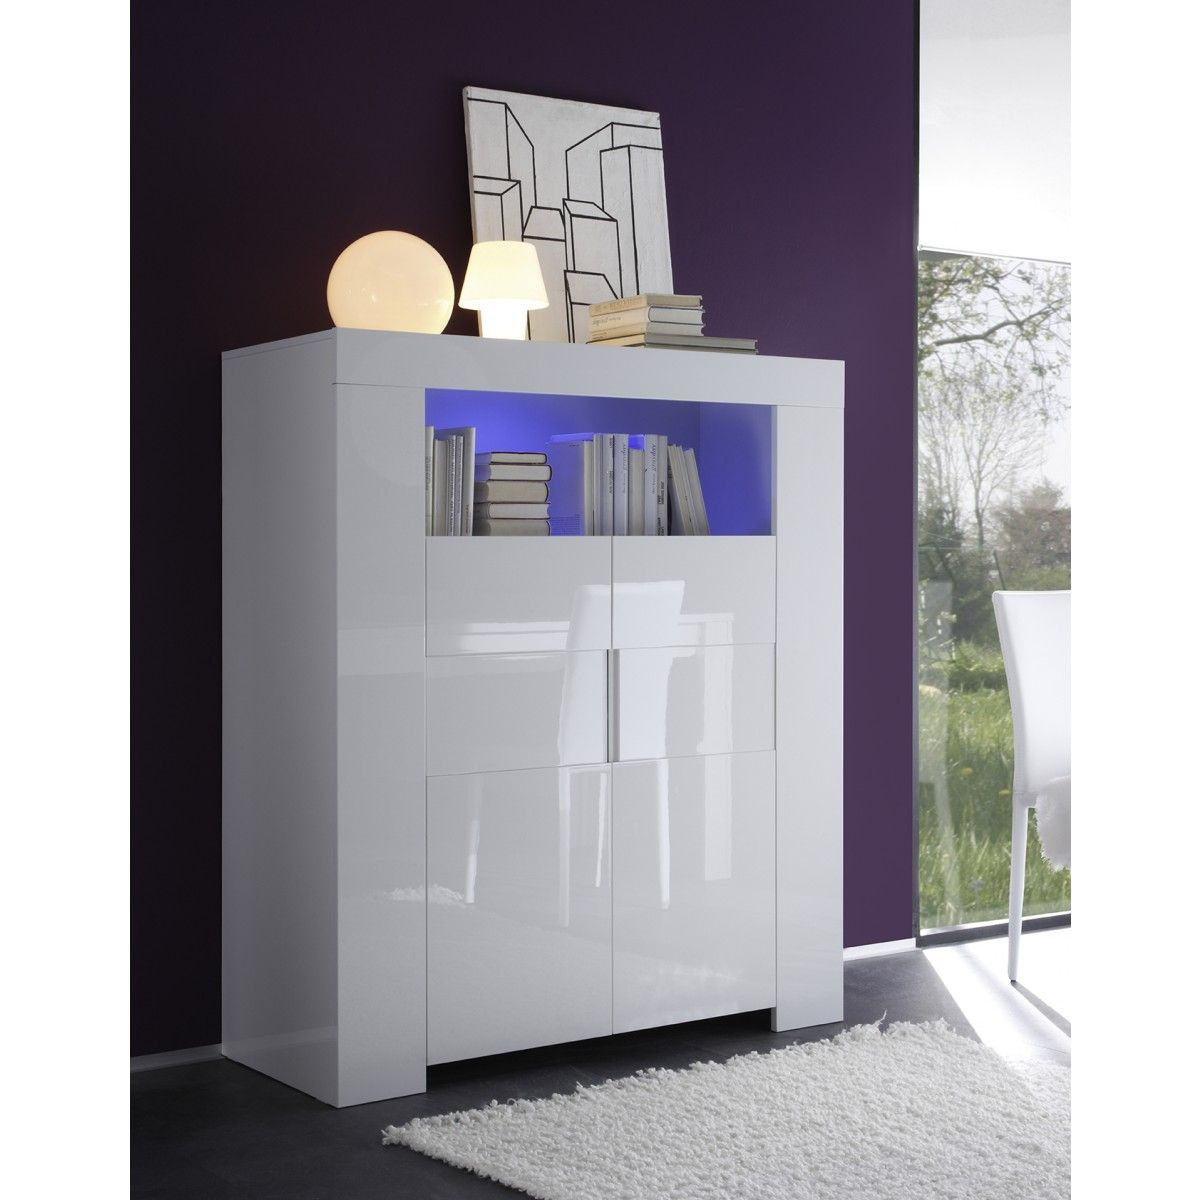 Tonnant Meuble Laqu Blanc D Coration Fran Aise Pinterest  # Model D'Element Mural Laque Du Salon Haut De Gamme